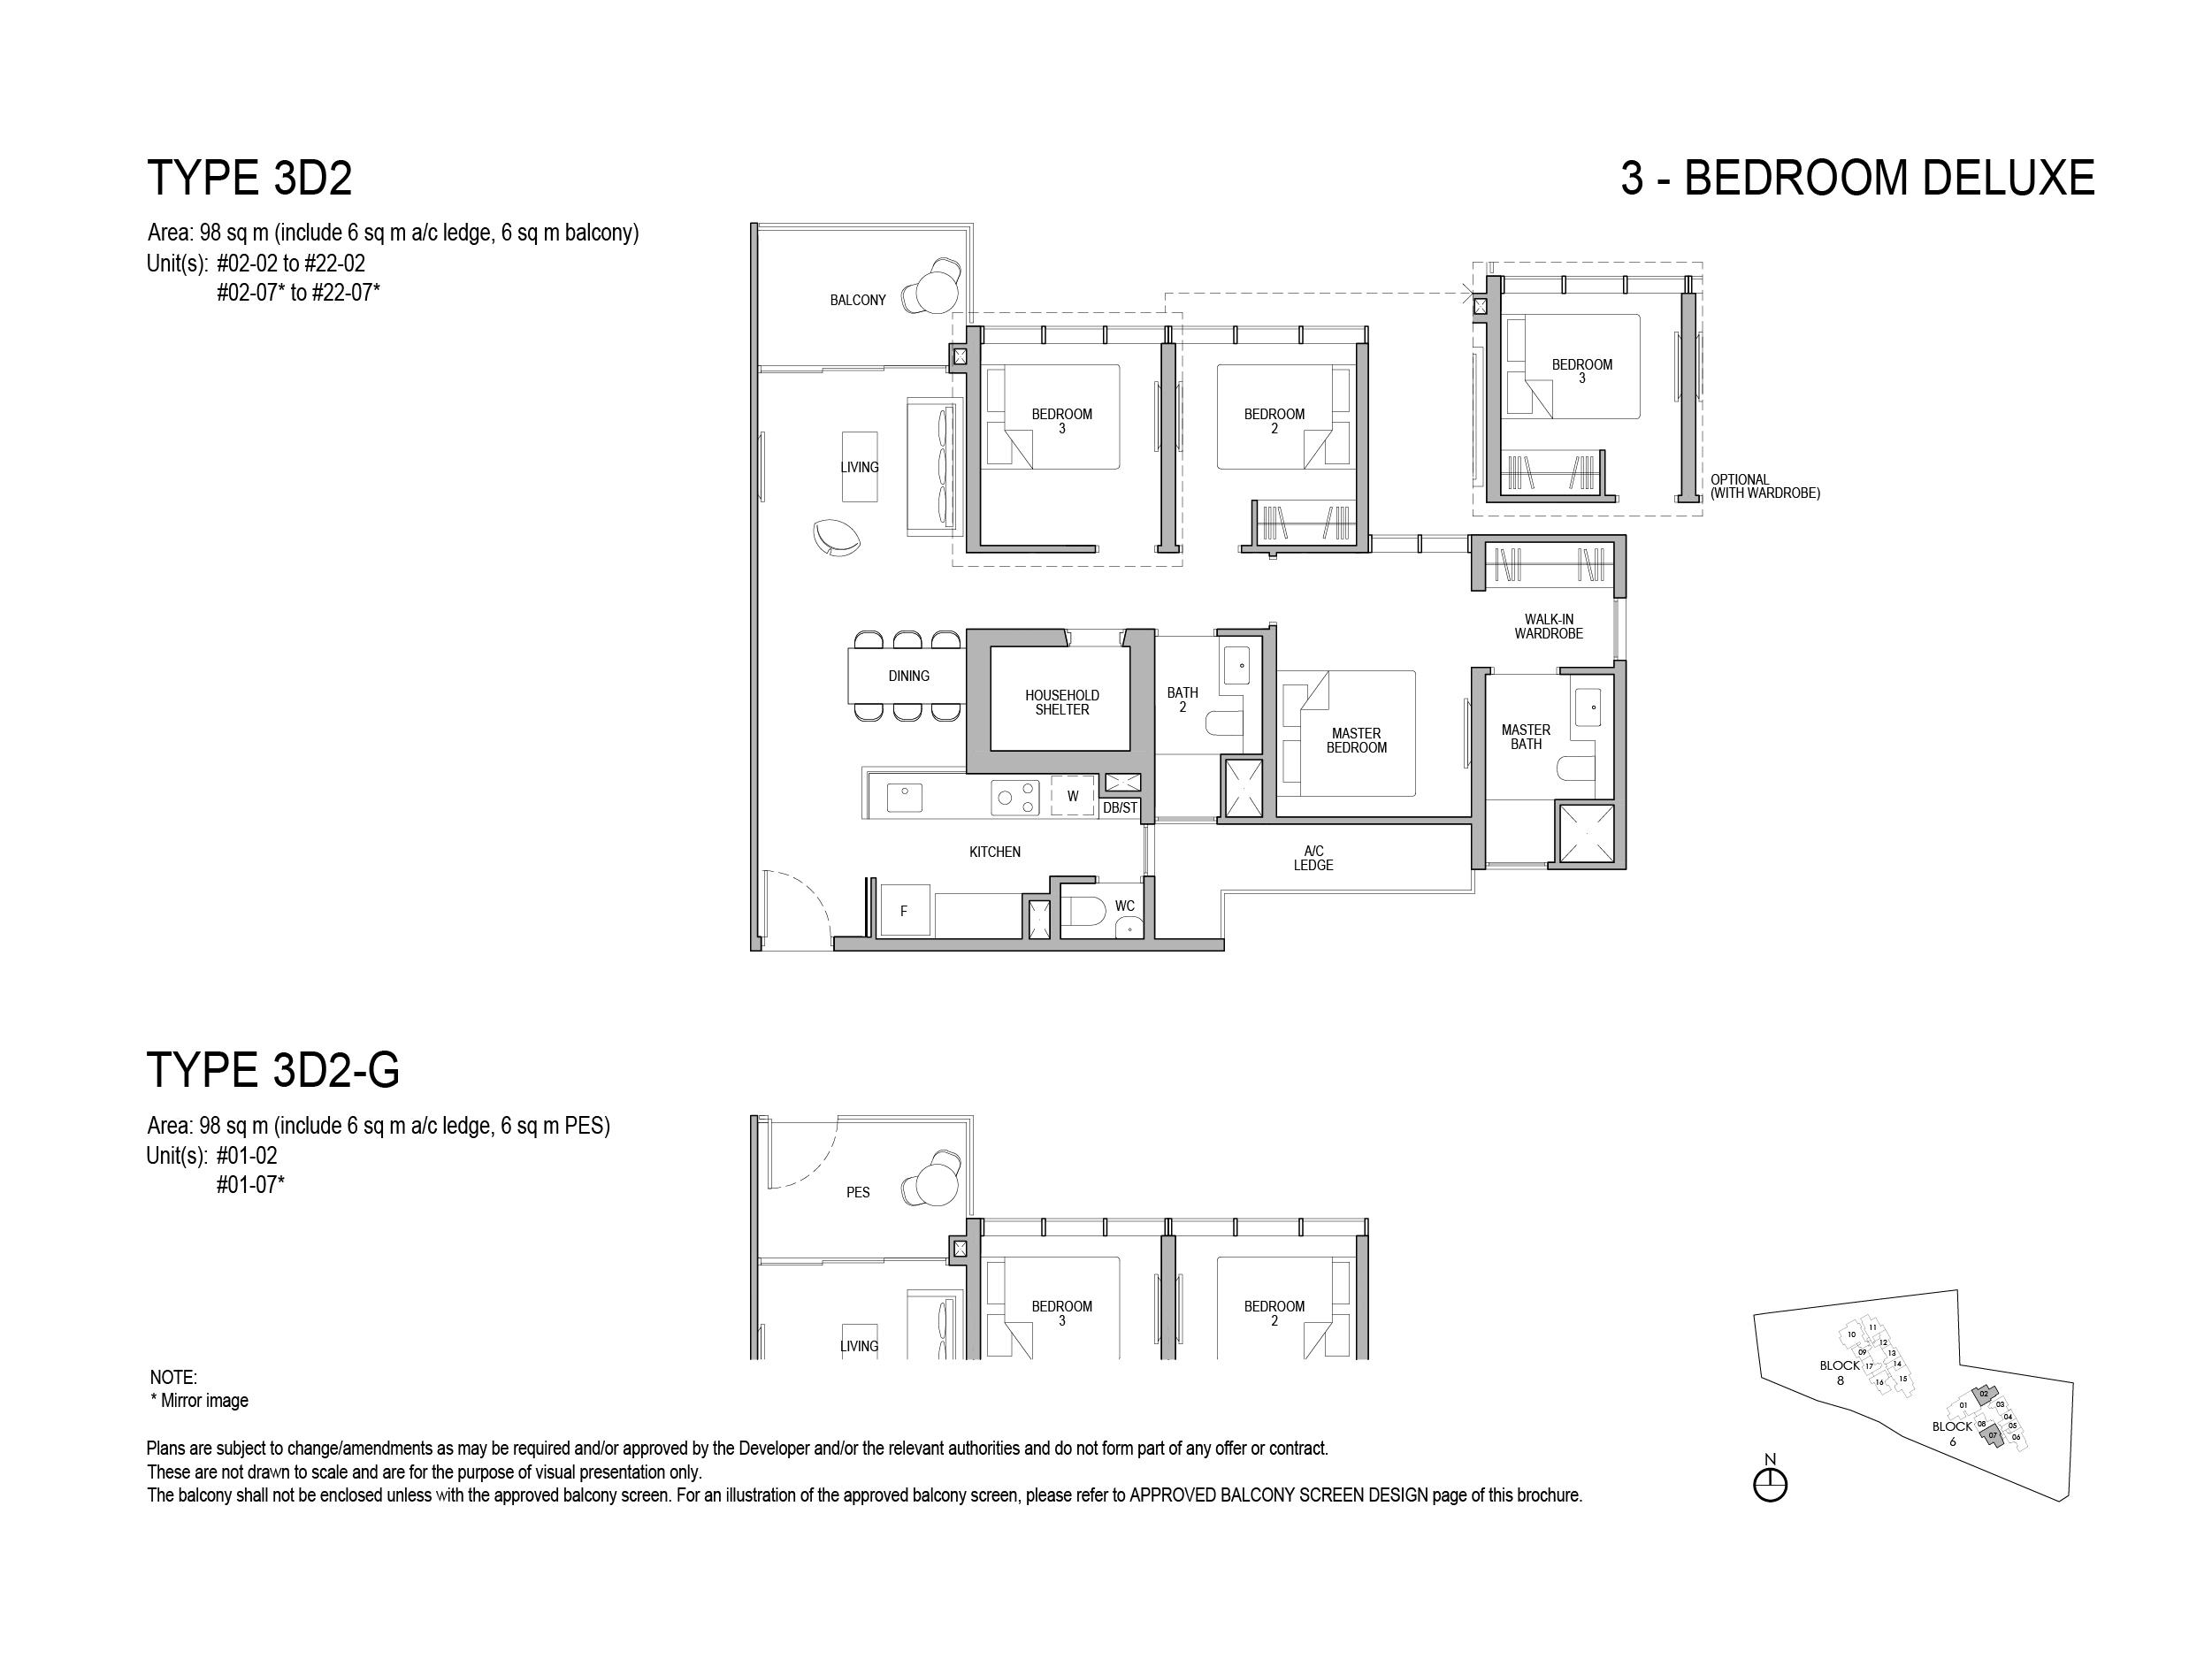 KoparAtNewton_3-Bedroom Deluxe_Type3D2-G.jpg